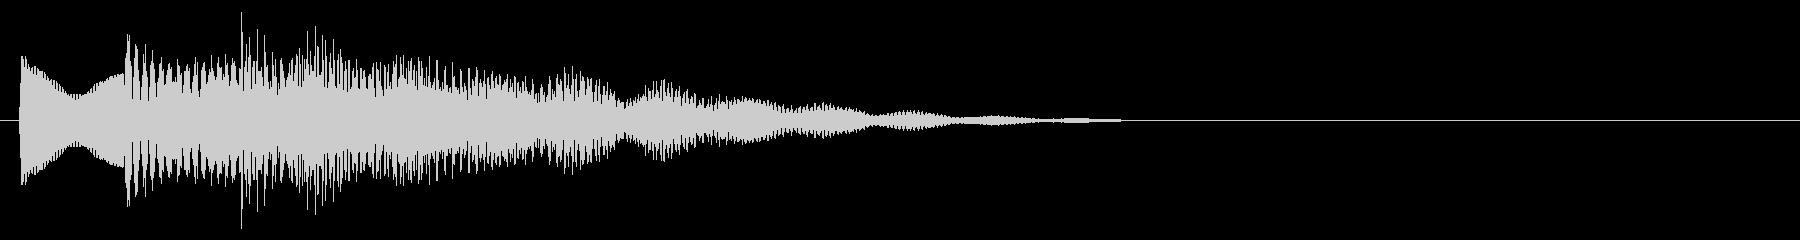 マレット系 決定音10(長三和音)の未再生の波形